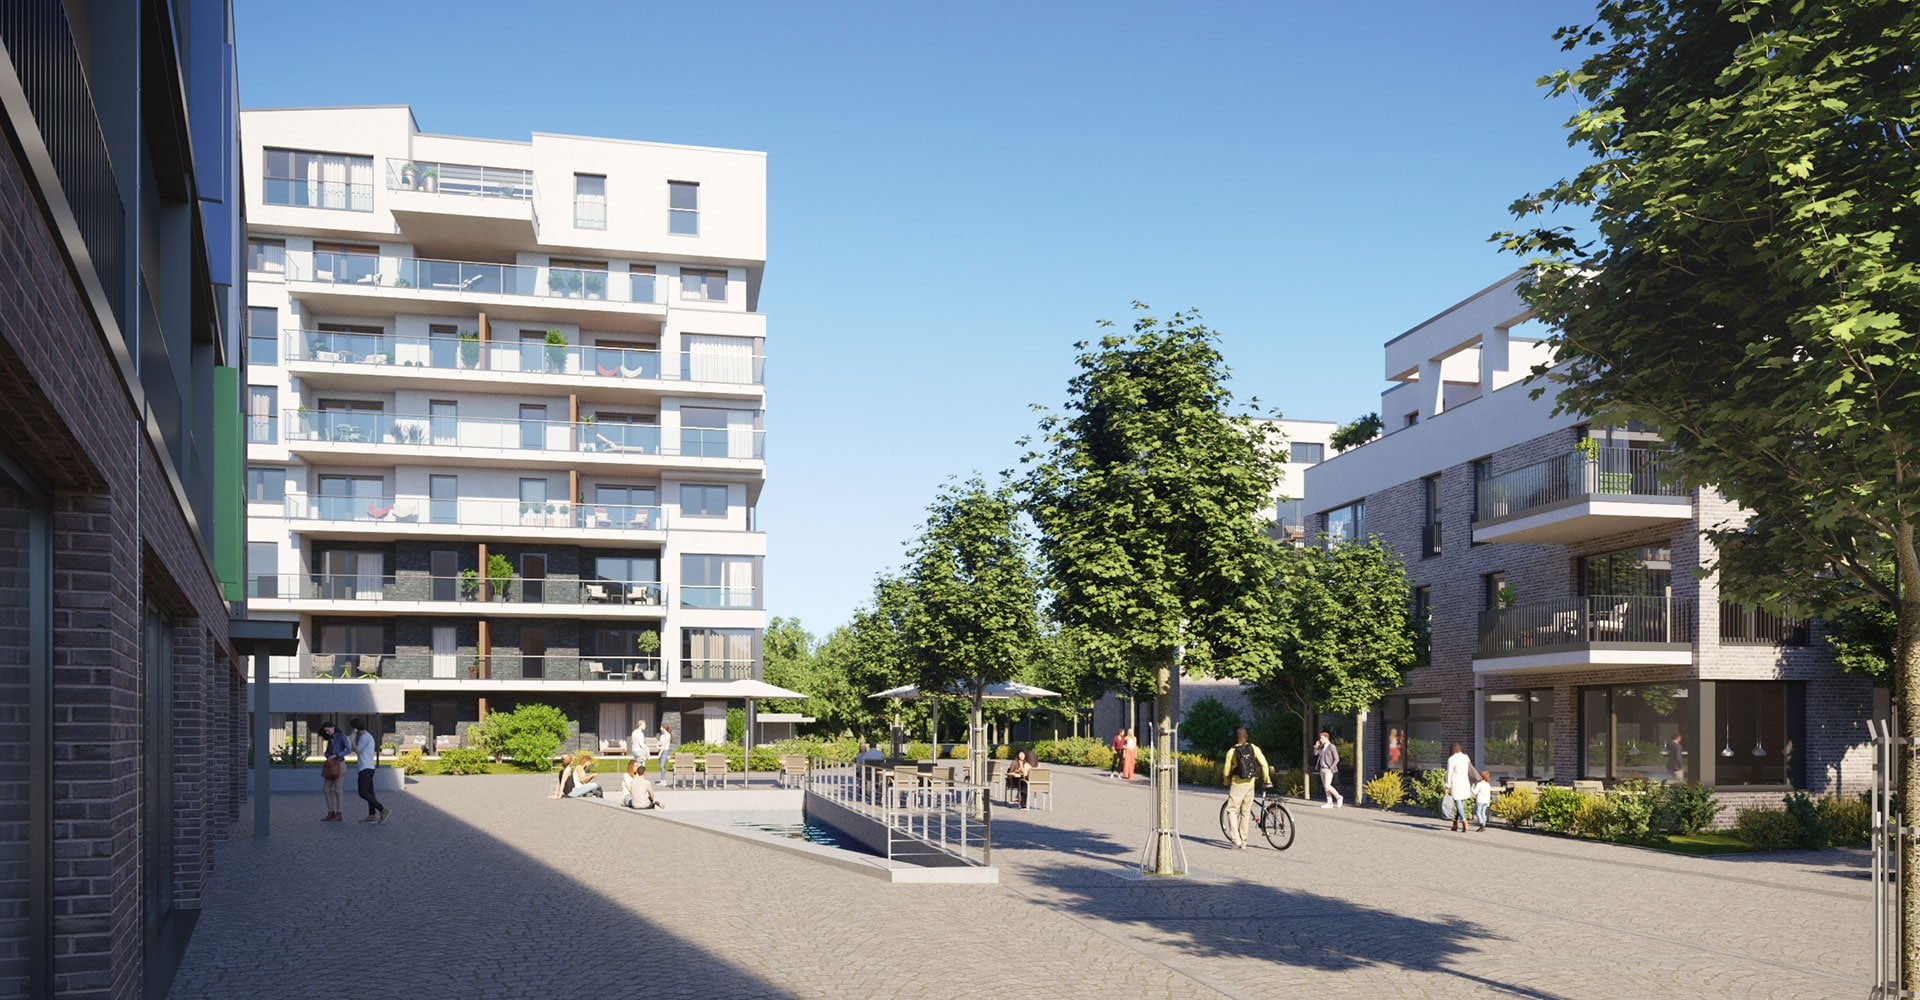 hugo49-zukunft-leben-konzept-plaza-platz-fuer-alle-im-quartier